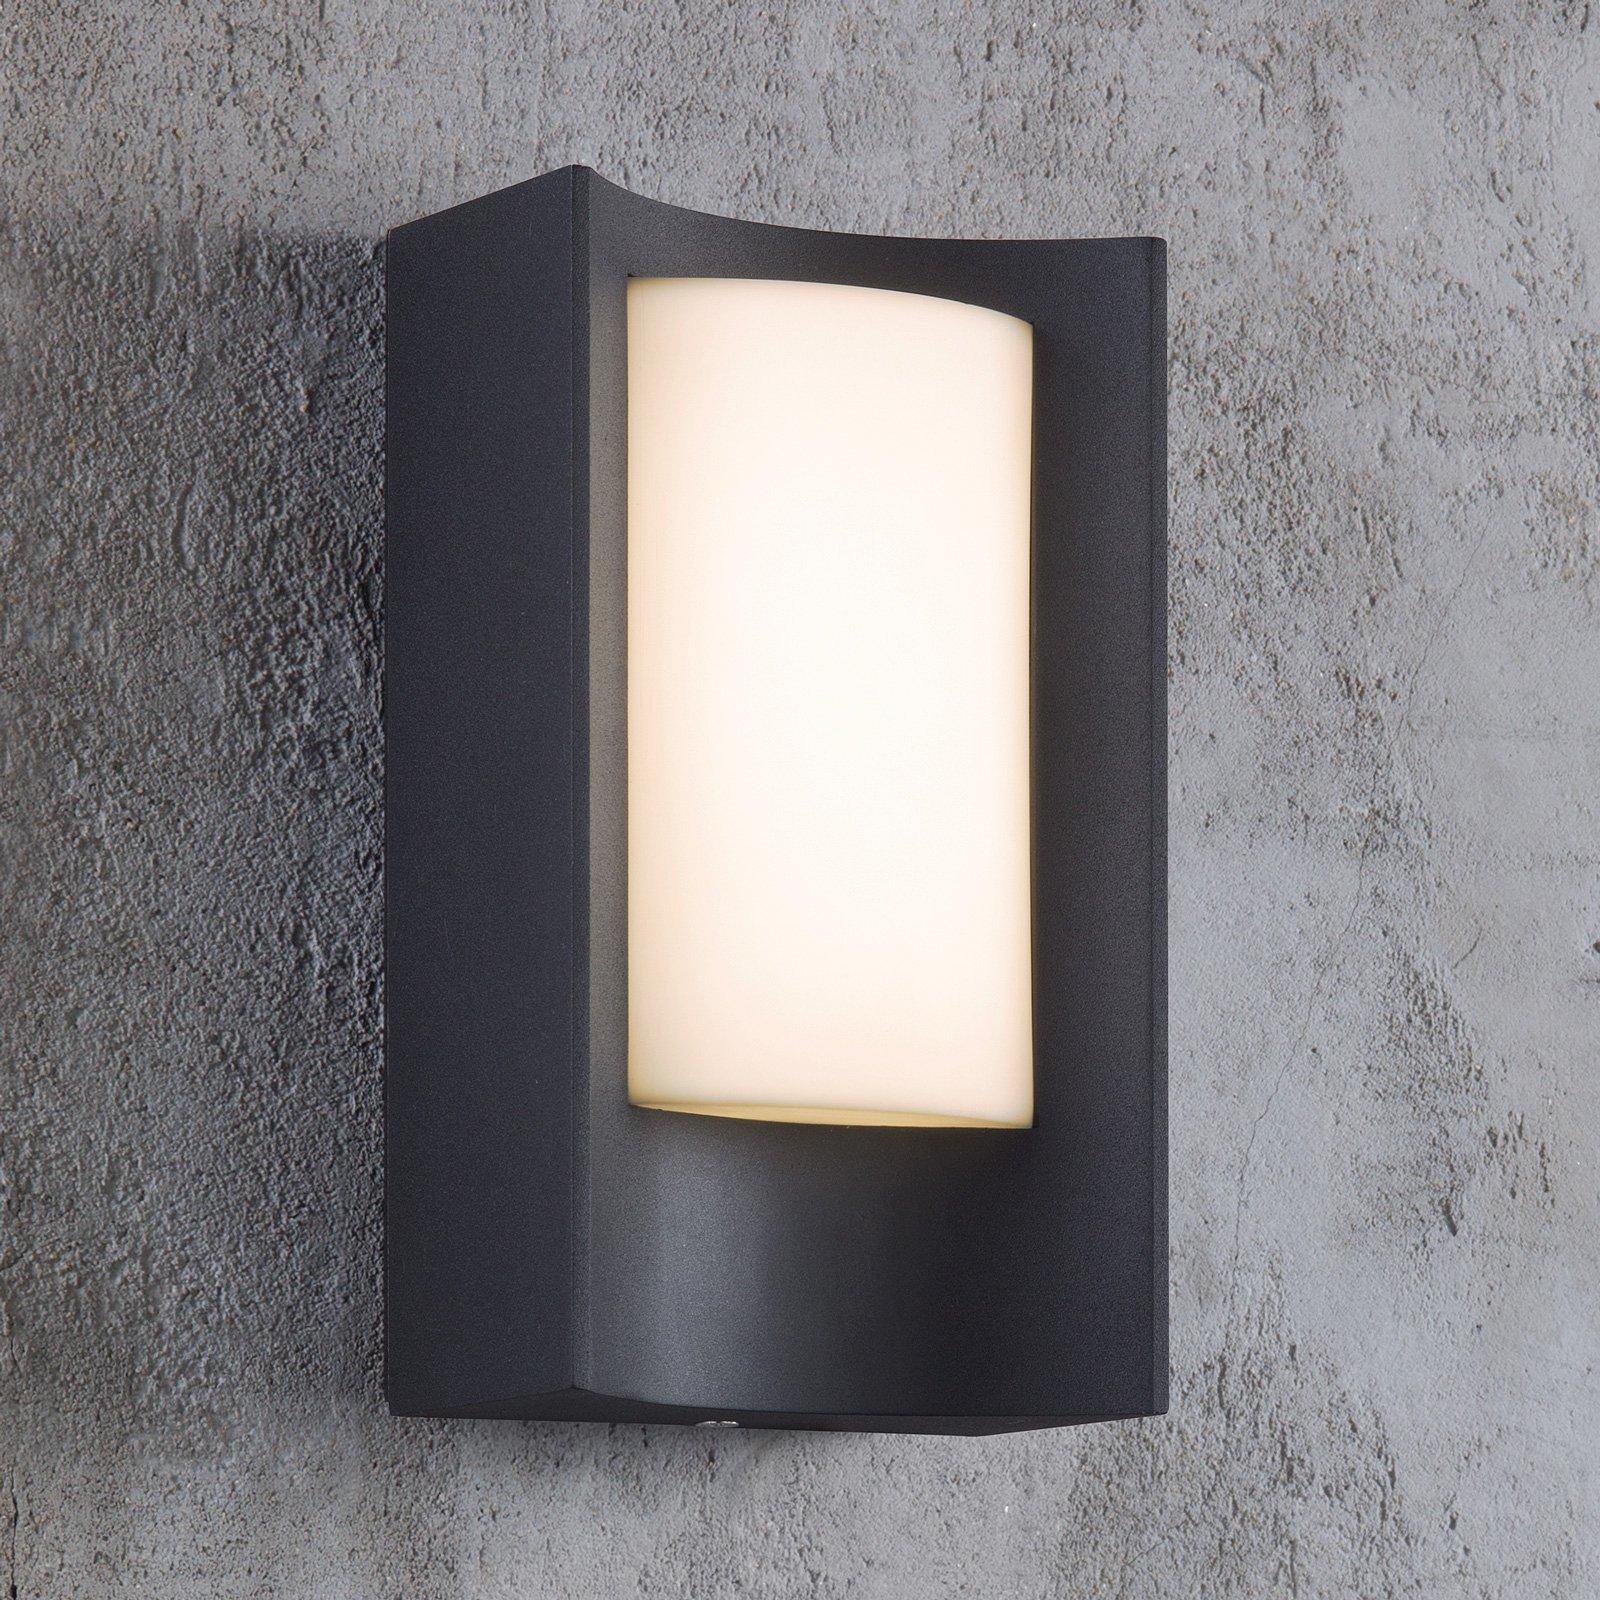 Utendørs LED-vegglampe Aspen i svart-hvitt